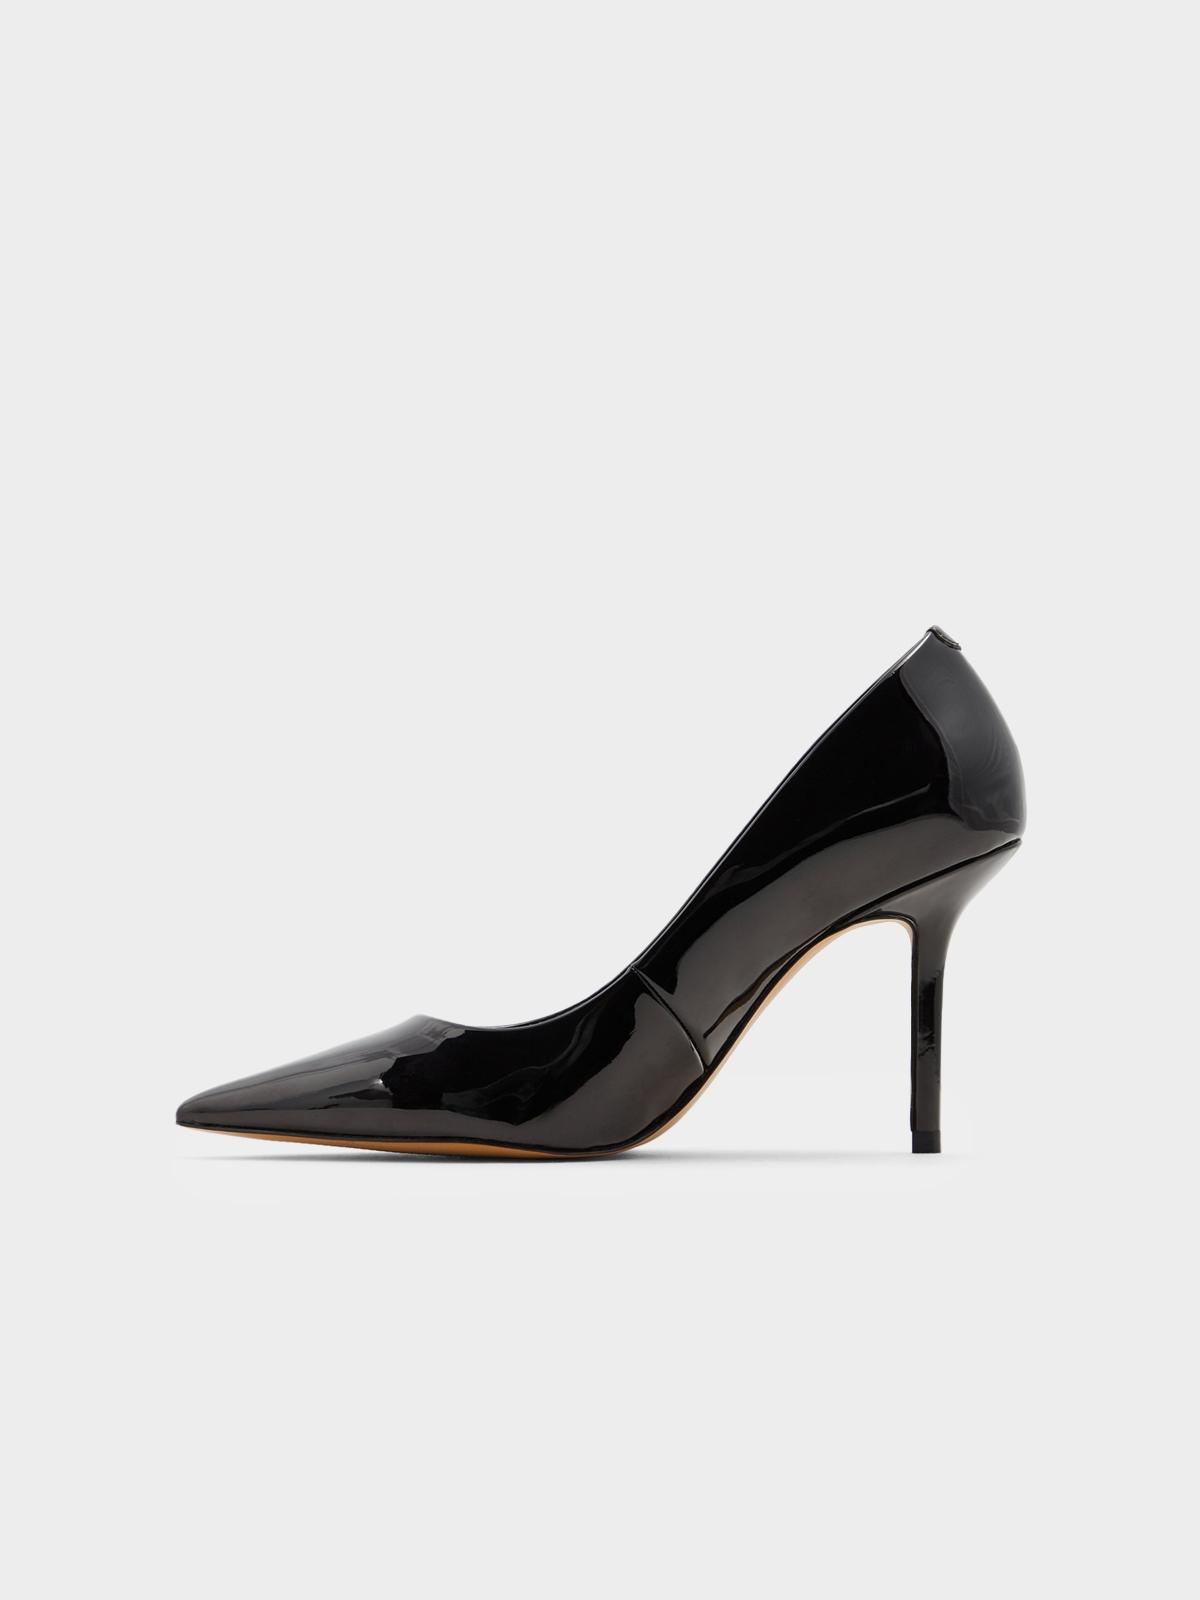 Aldo Laurie Pointed Toes Heels Black